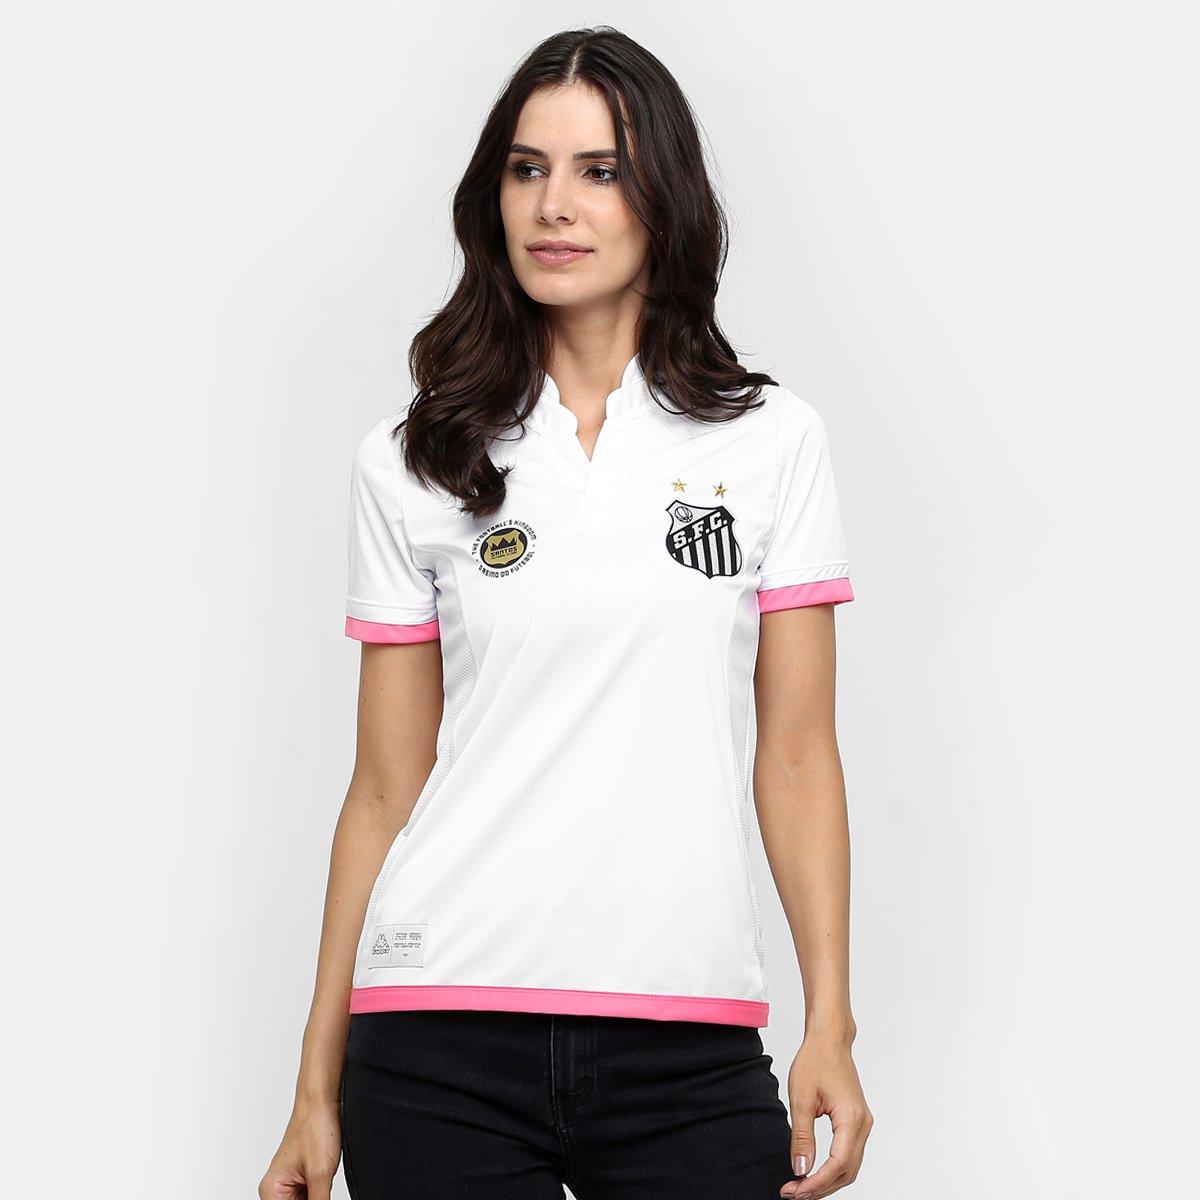 7220ce009adb7 Camisa Santos I 2016 s nº - Ed. Especial Torcedor Kappa Feminina - Compre  Agora